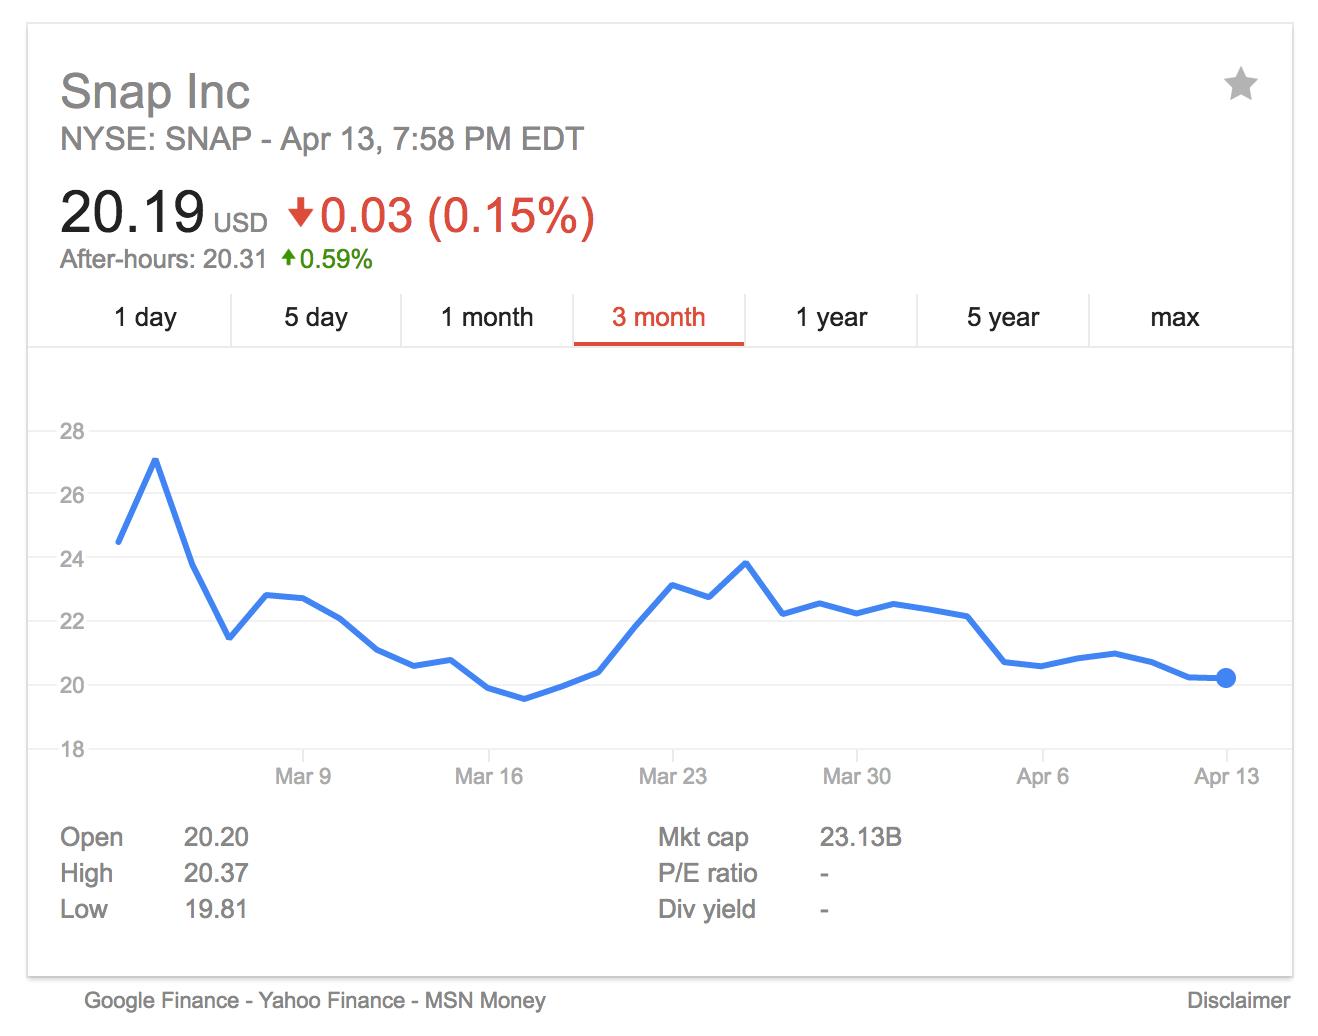 snapchat earnings call may 10